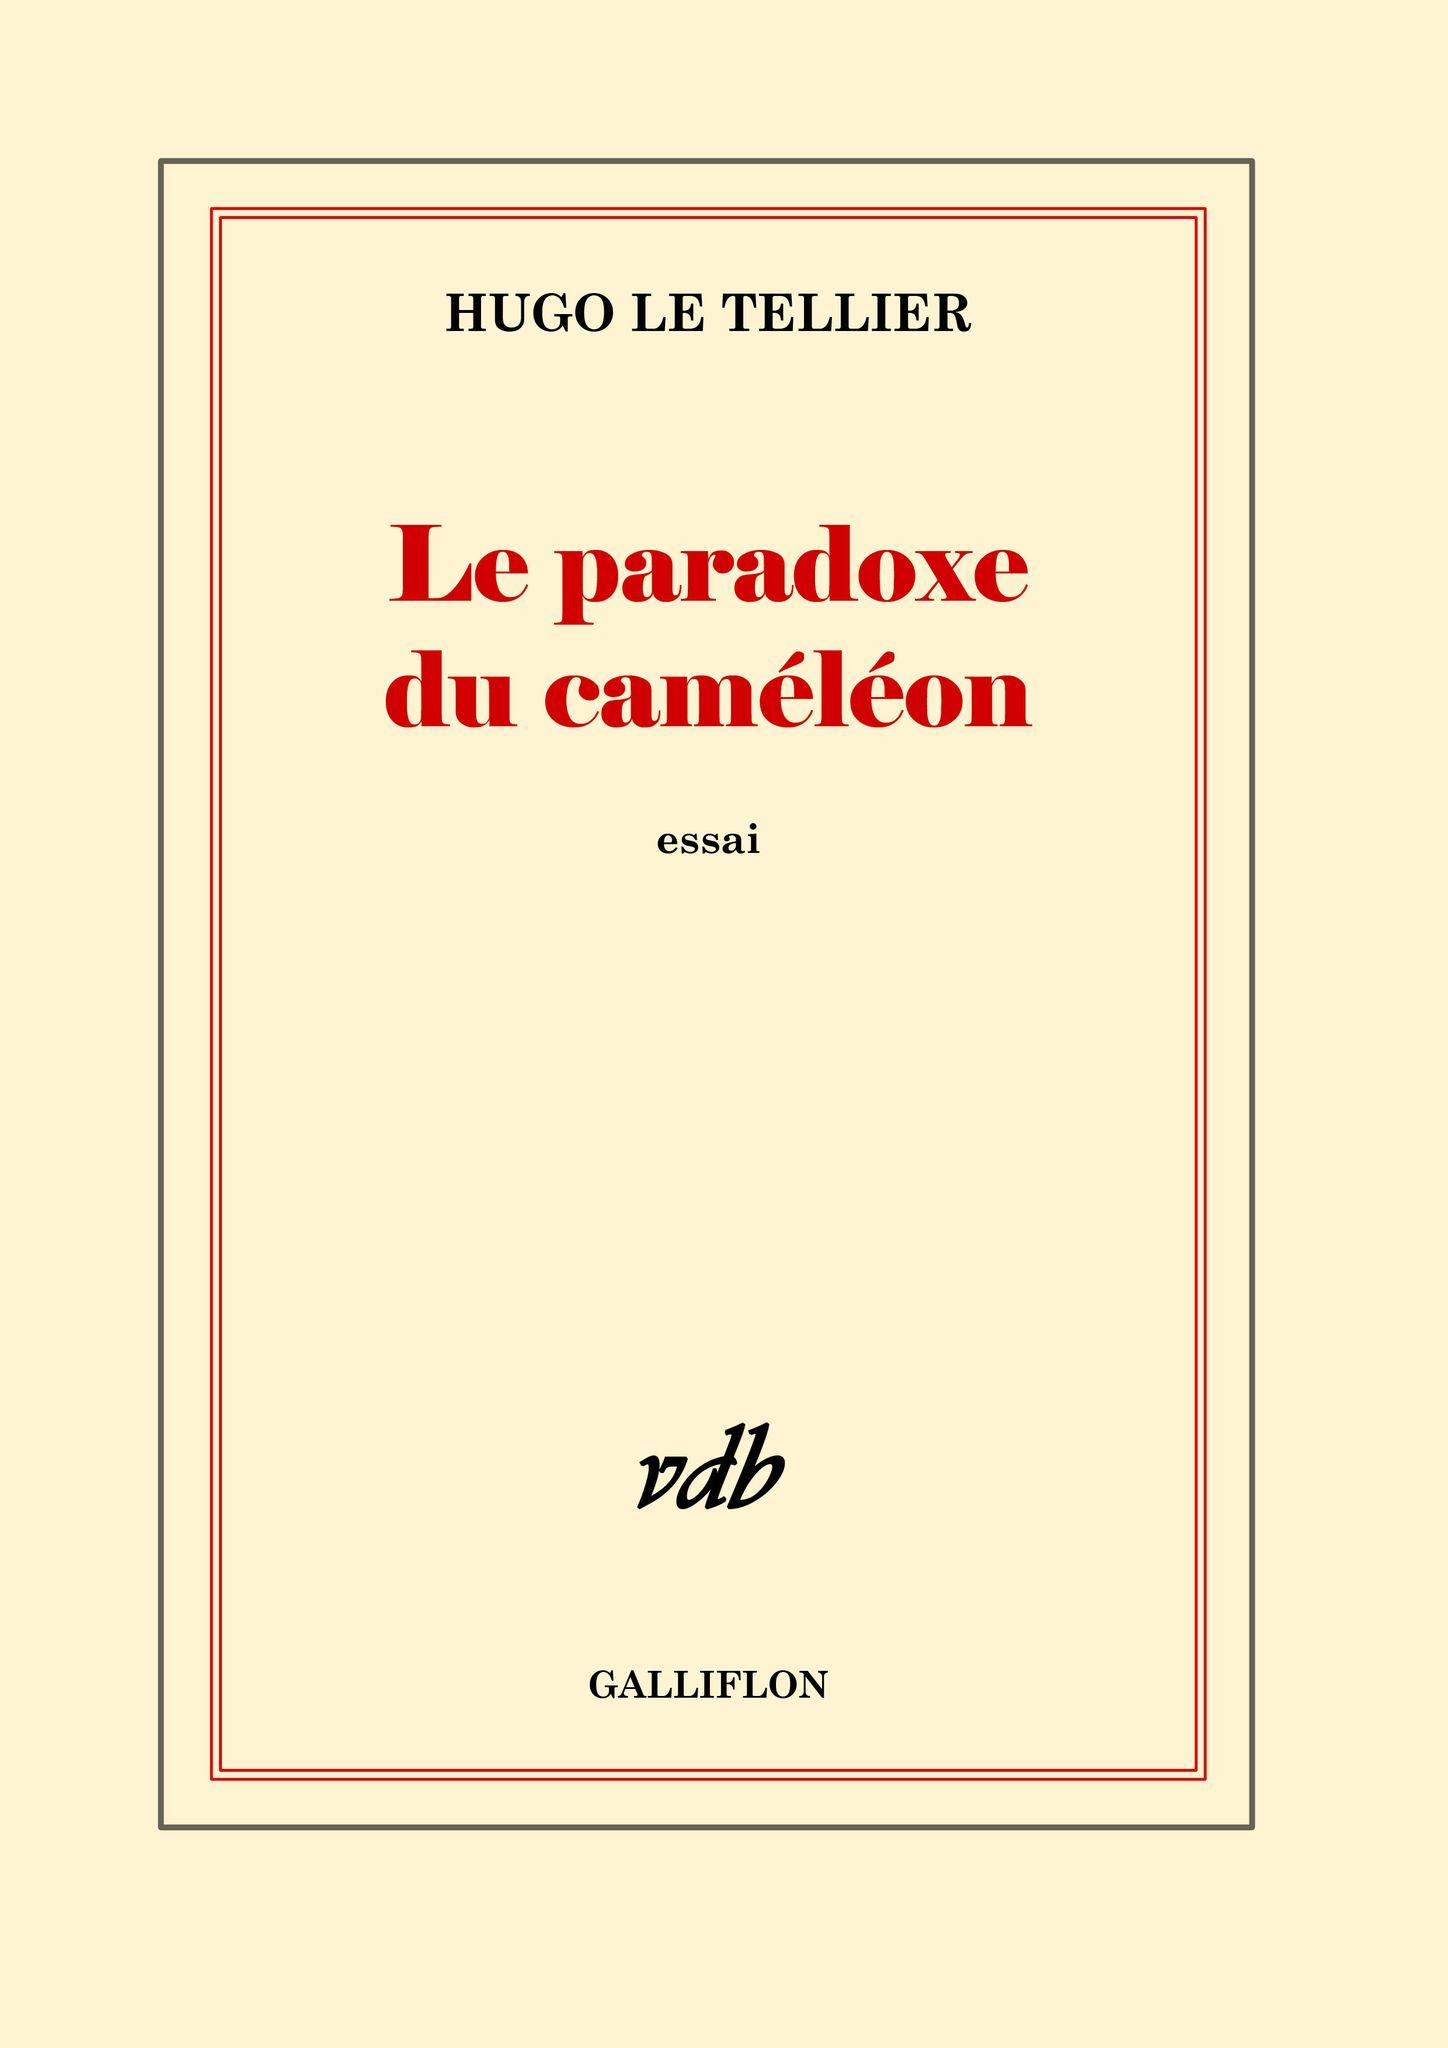 """GN """"Le paradoxe du caméléon"""" organisé à Bordeaux courant juin 2021 Le-paradoxe-du-cameleon"""